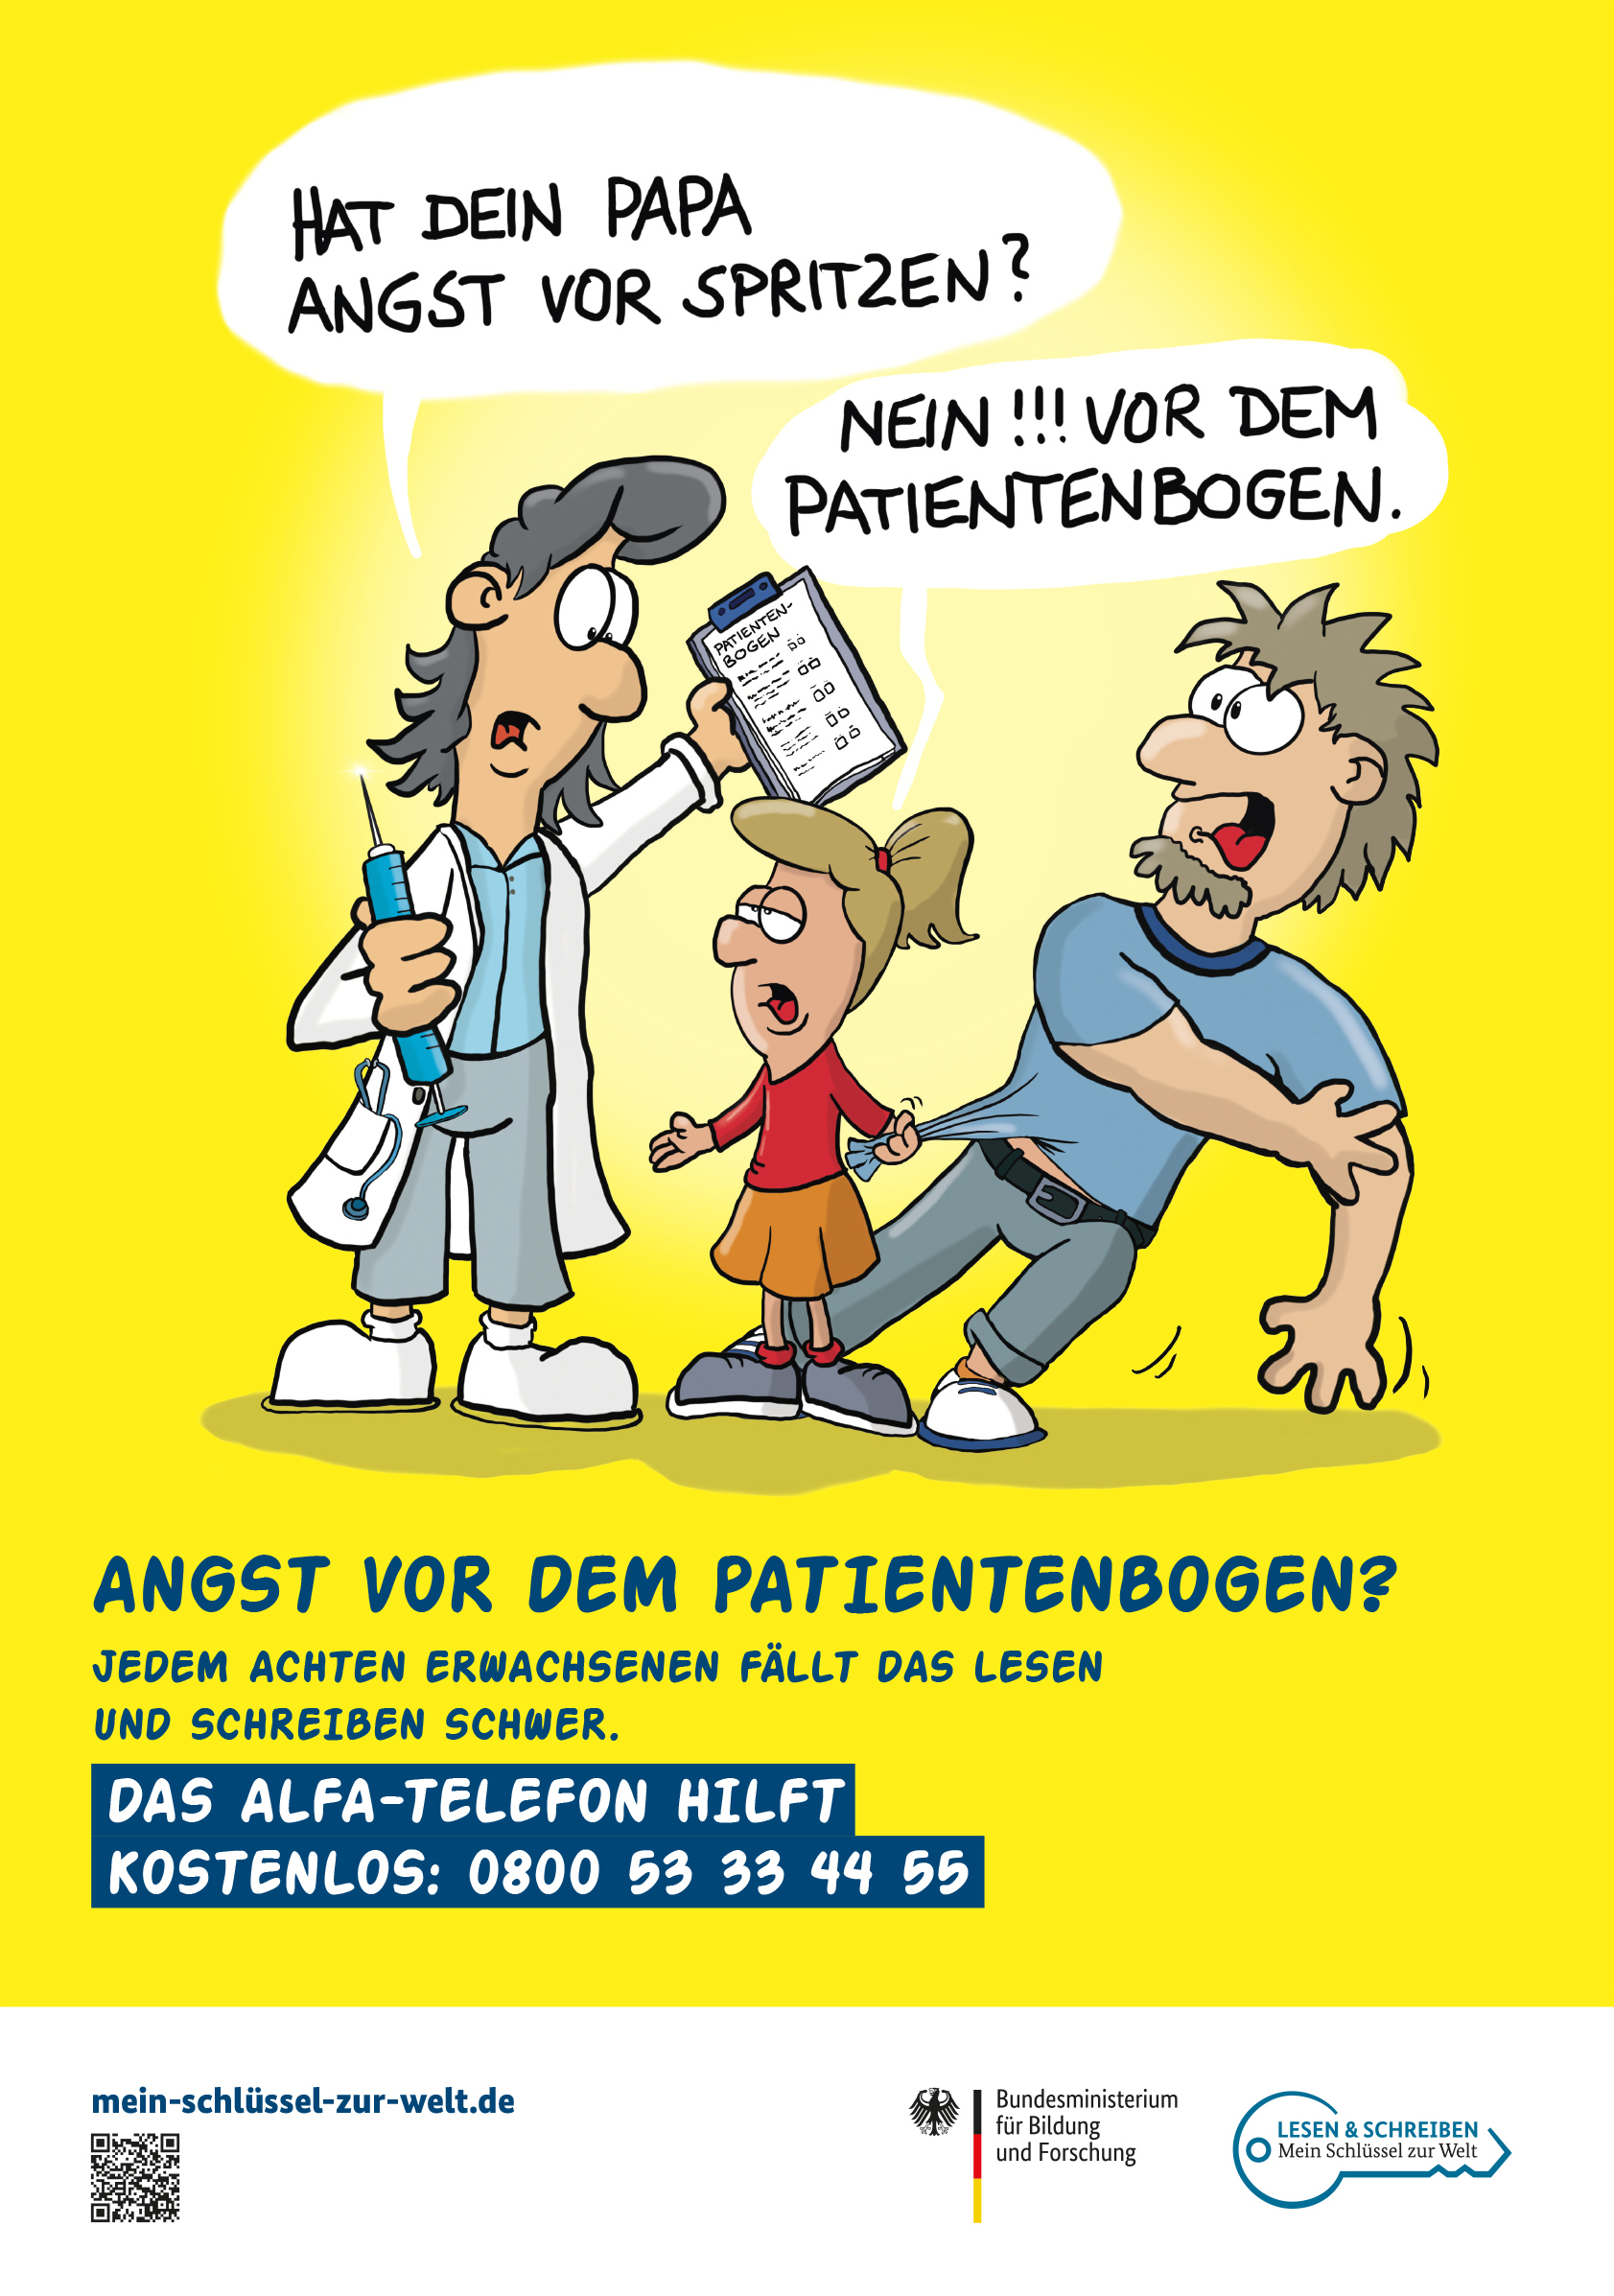 """AlphaDekade / """"Mein Schlüssel zur Welt"""" sensibilisiert im Wartezimmer ... (Foto: OTS)"""